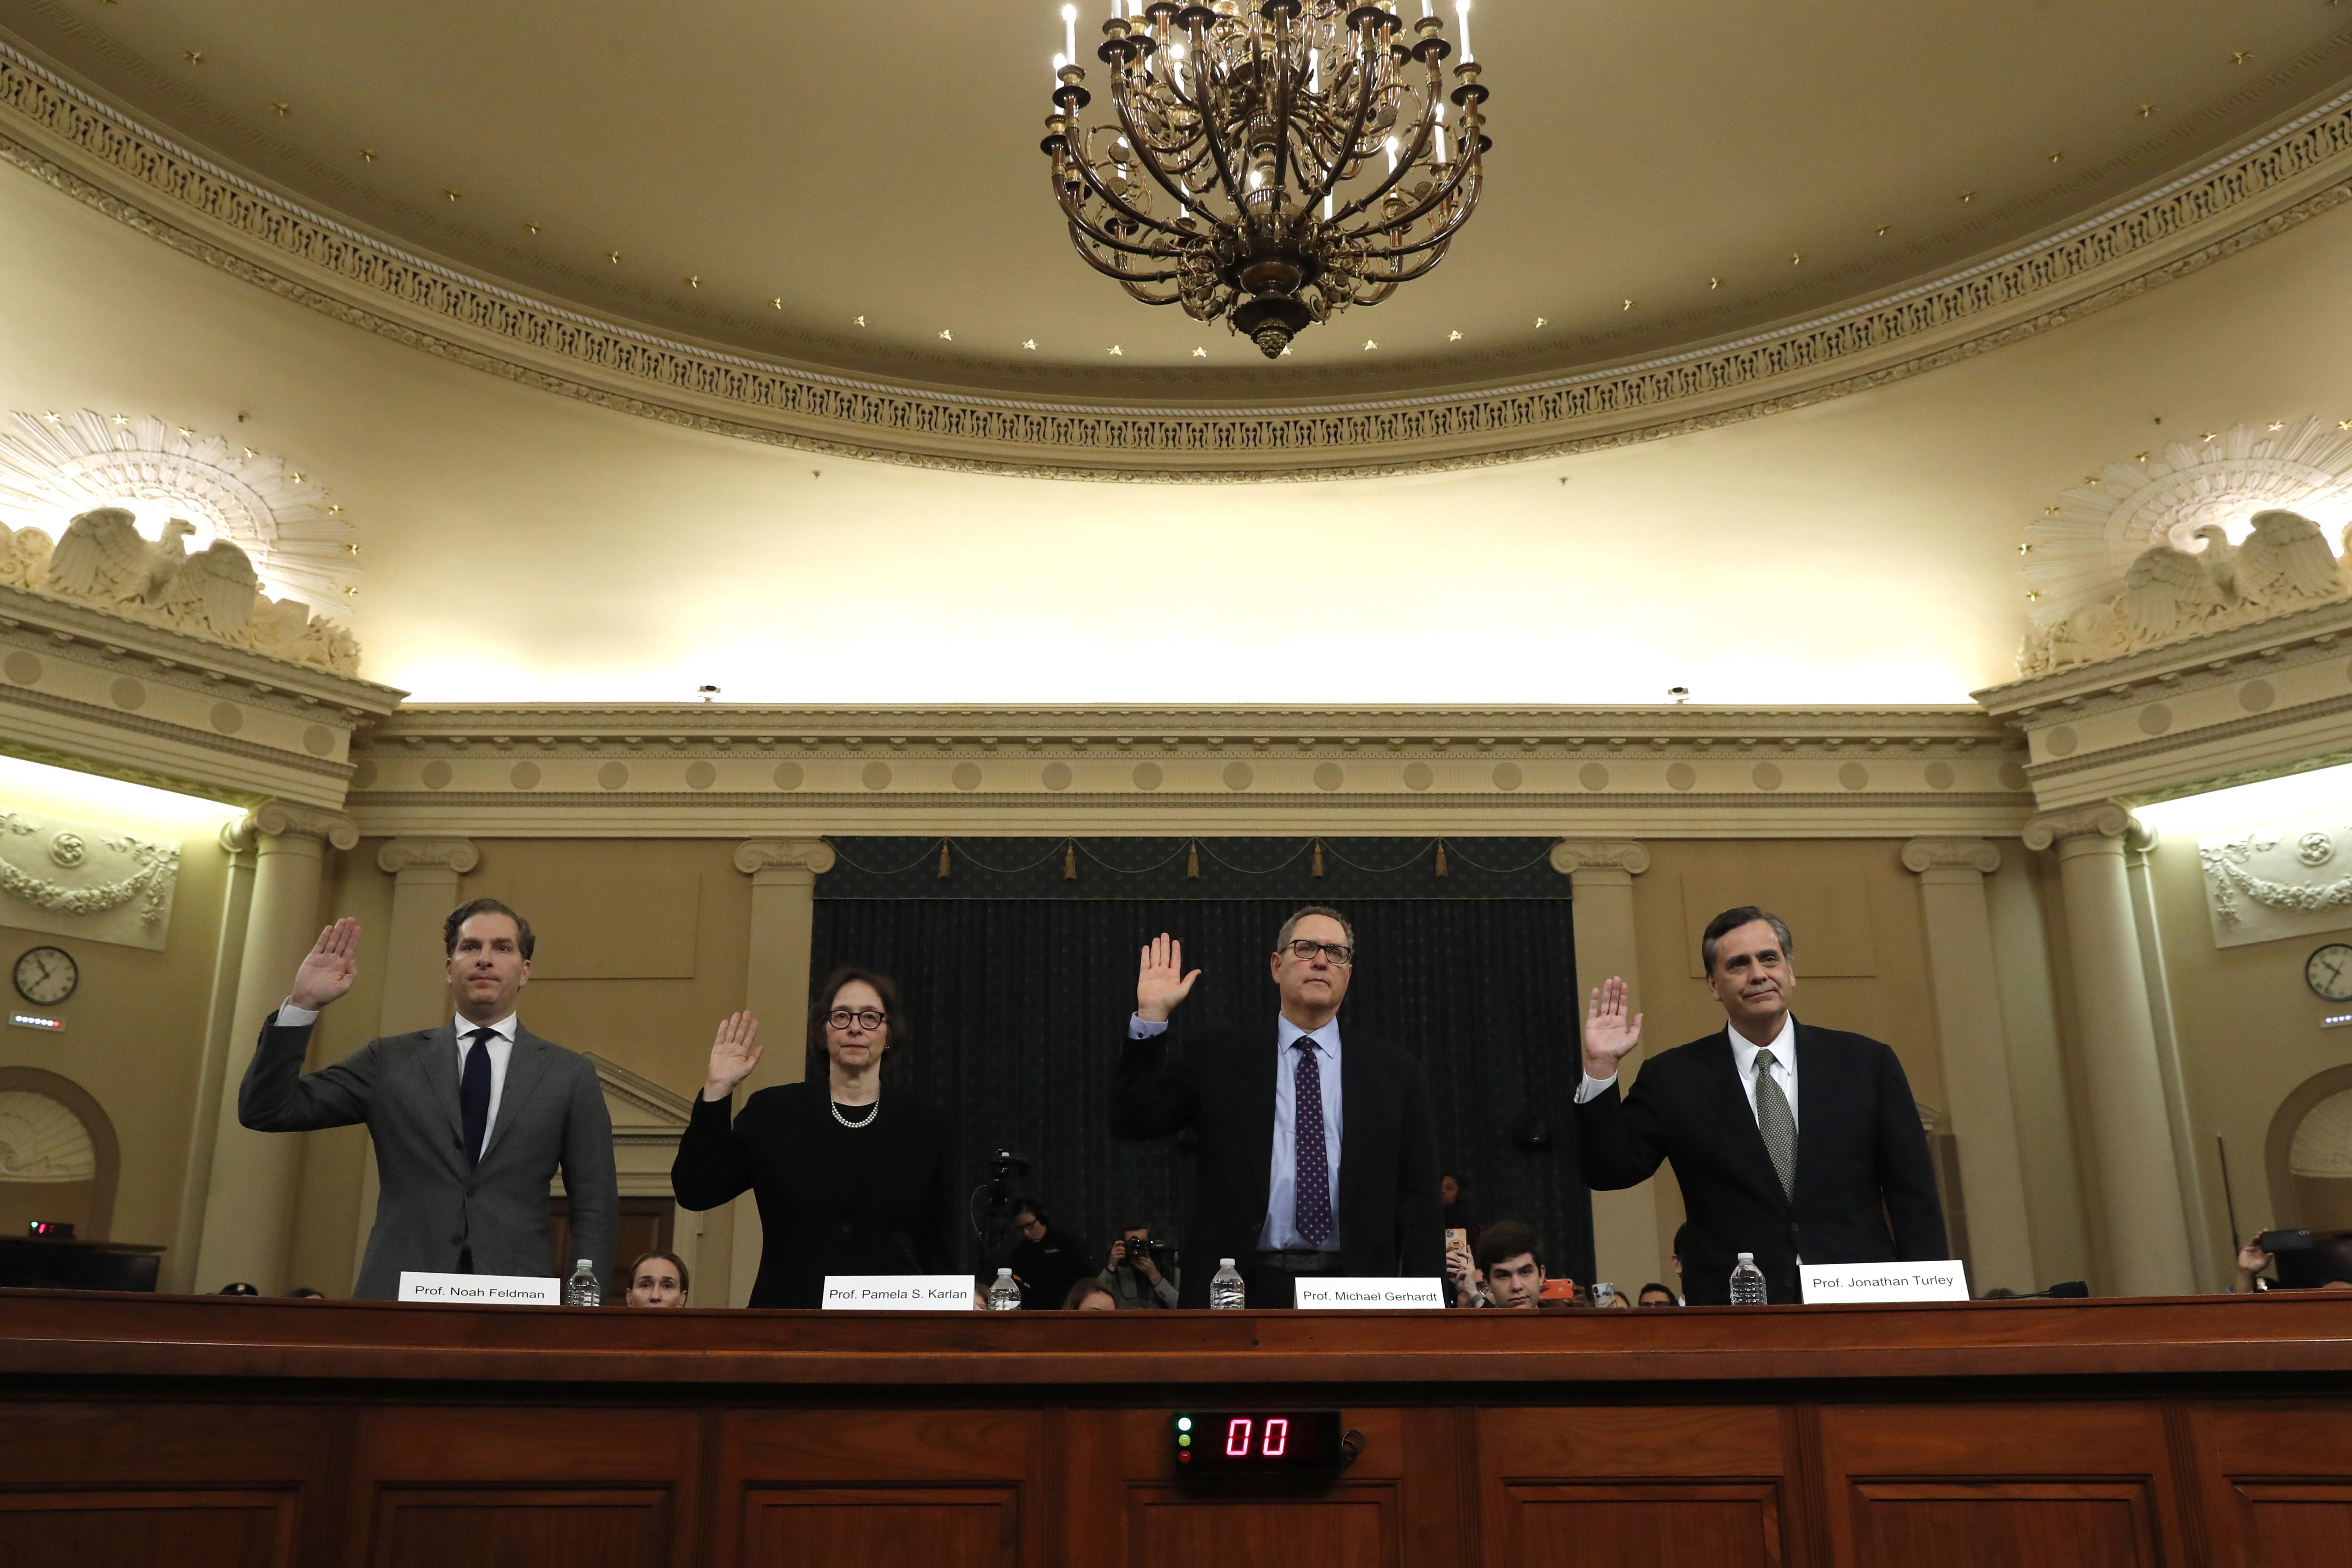 ▲▼4名法學專家出席彈劾調查聽證會作證。(圖/達志影像/美聯社)